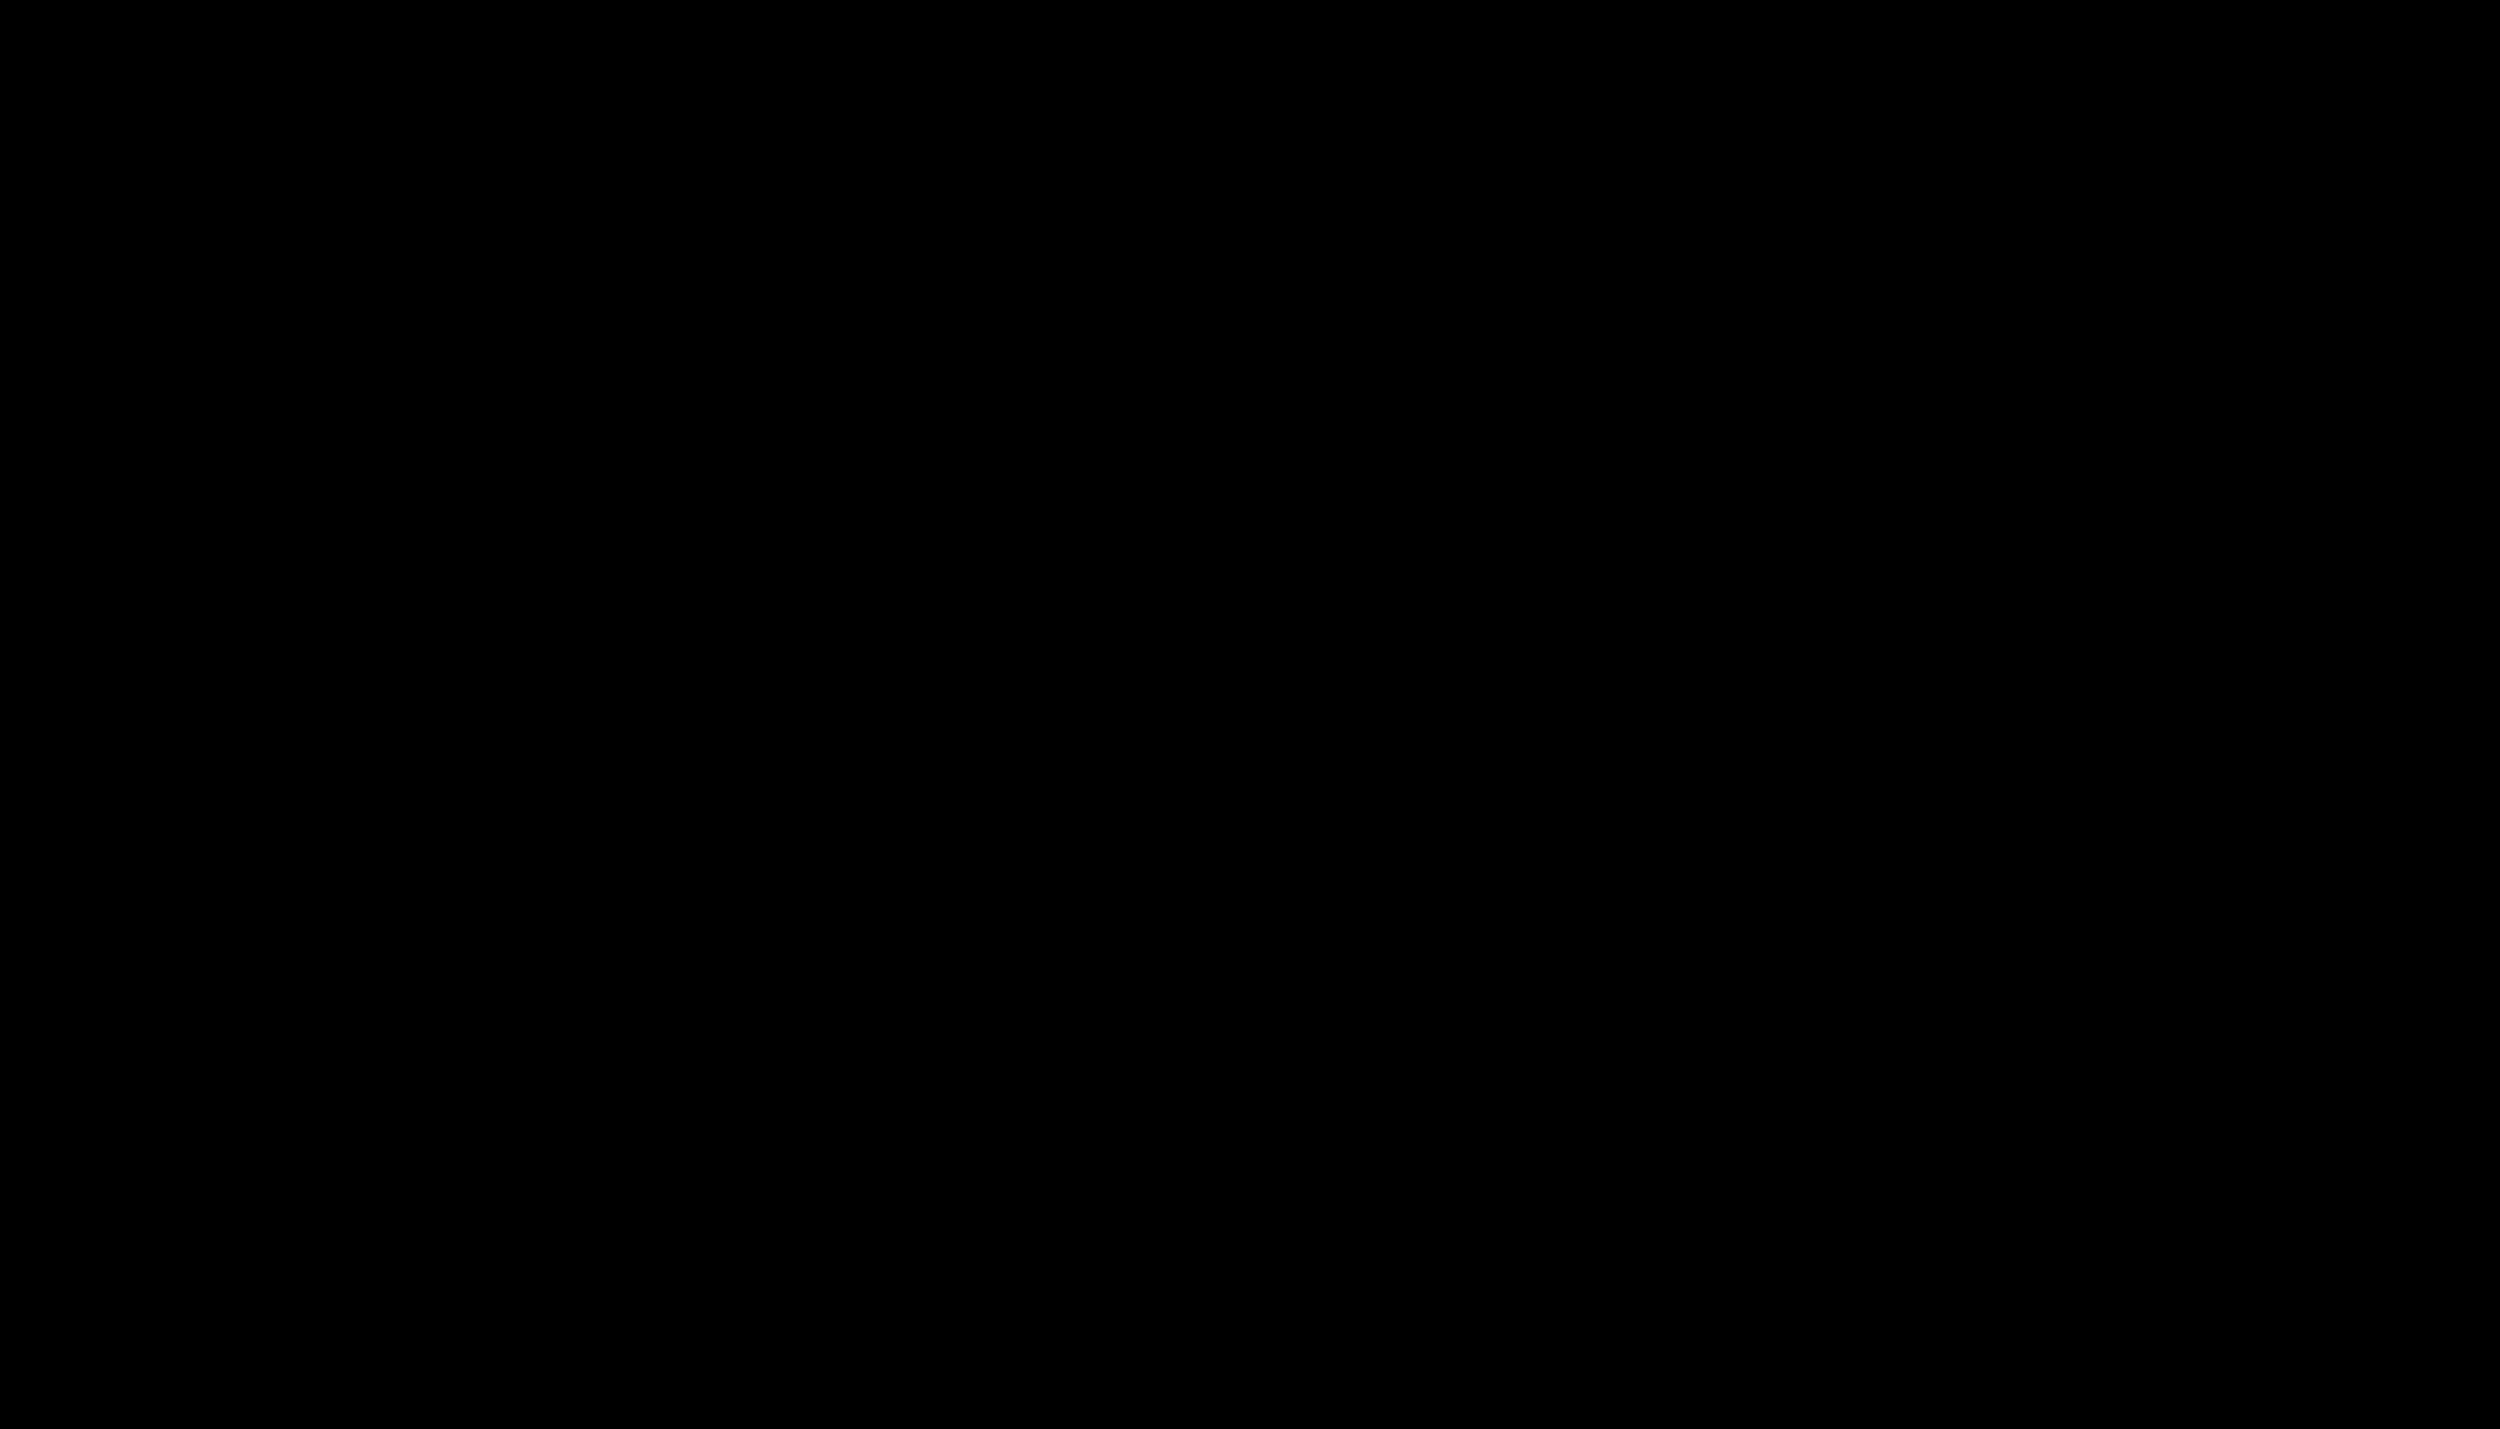 Logos_Zeichenfläche 1.png